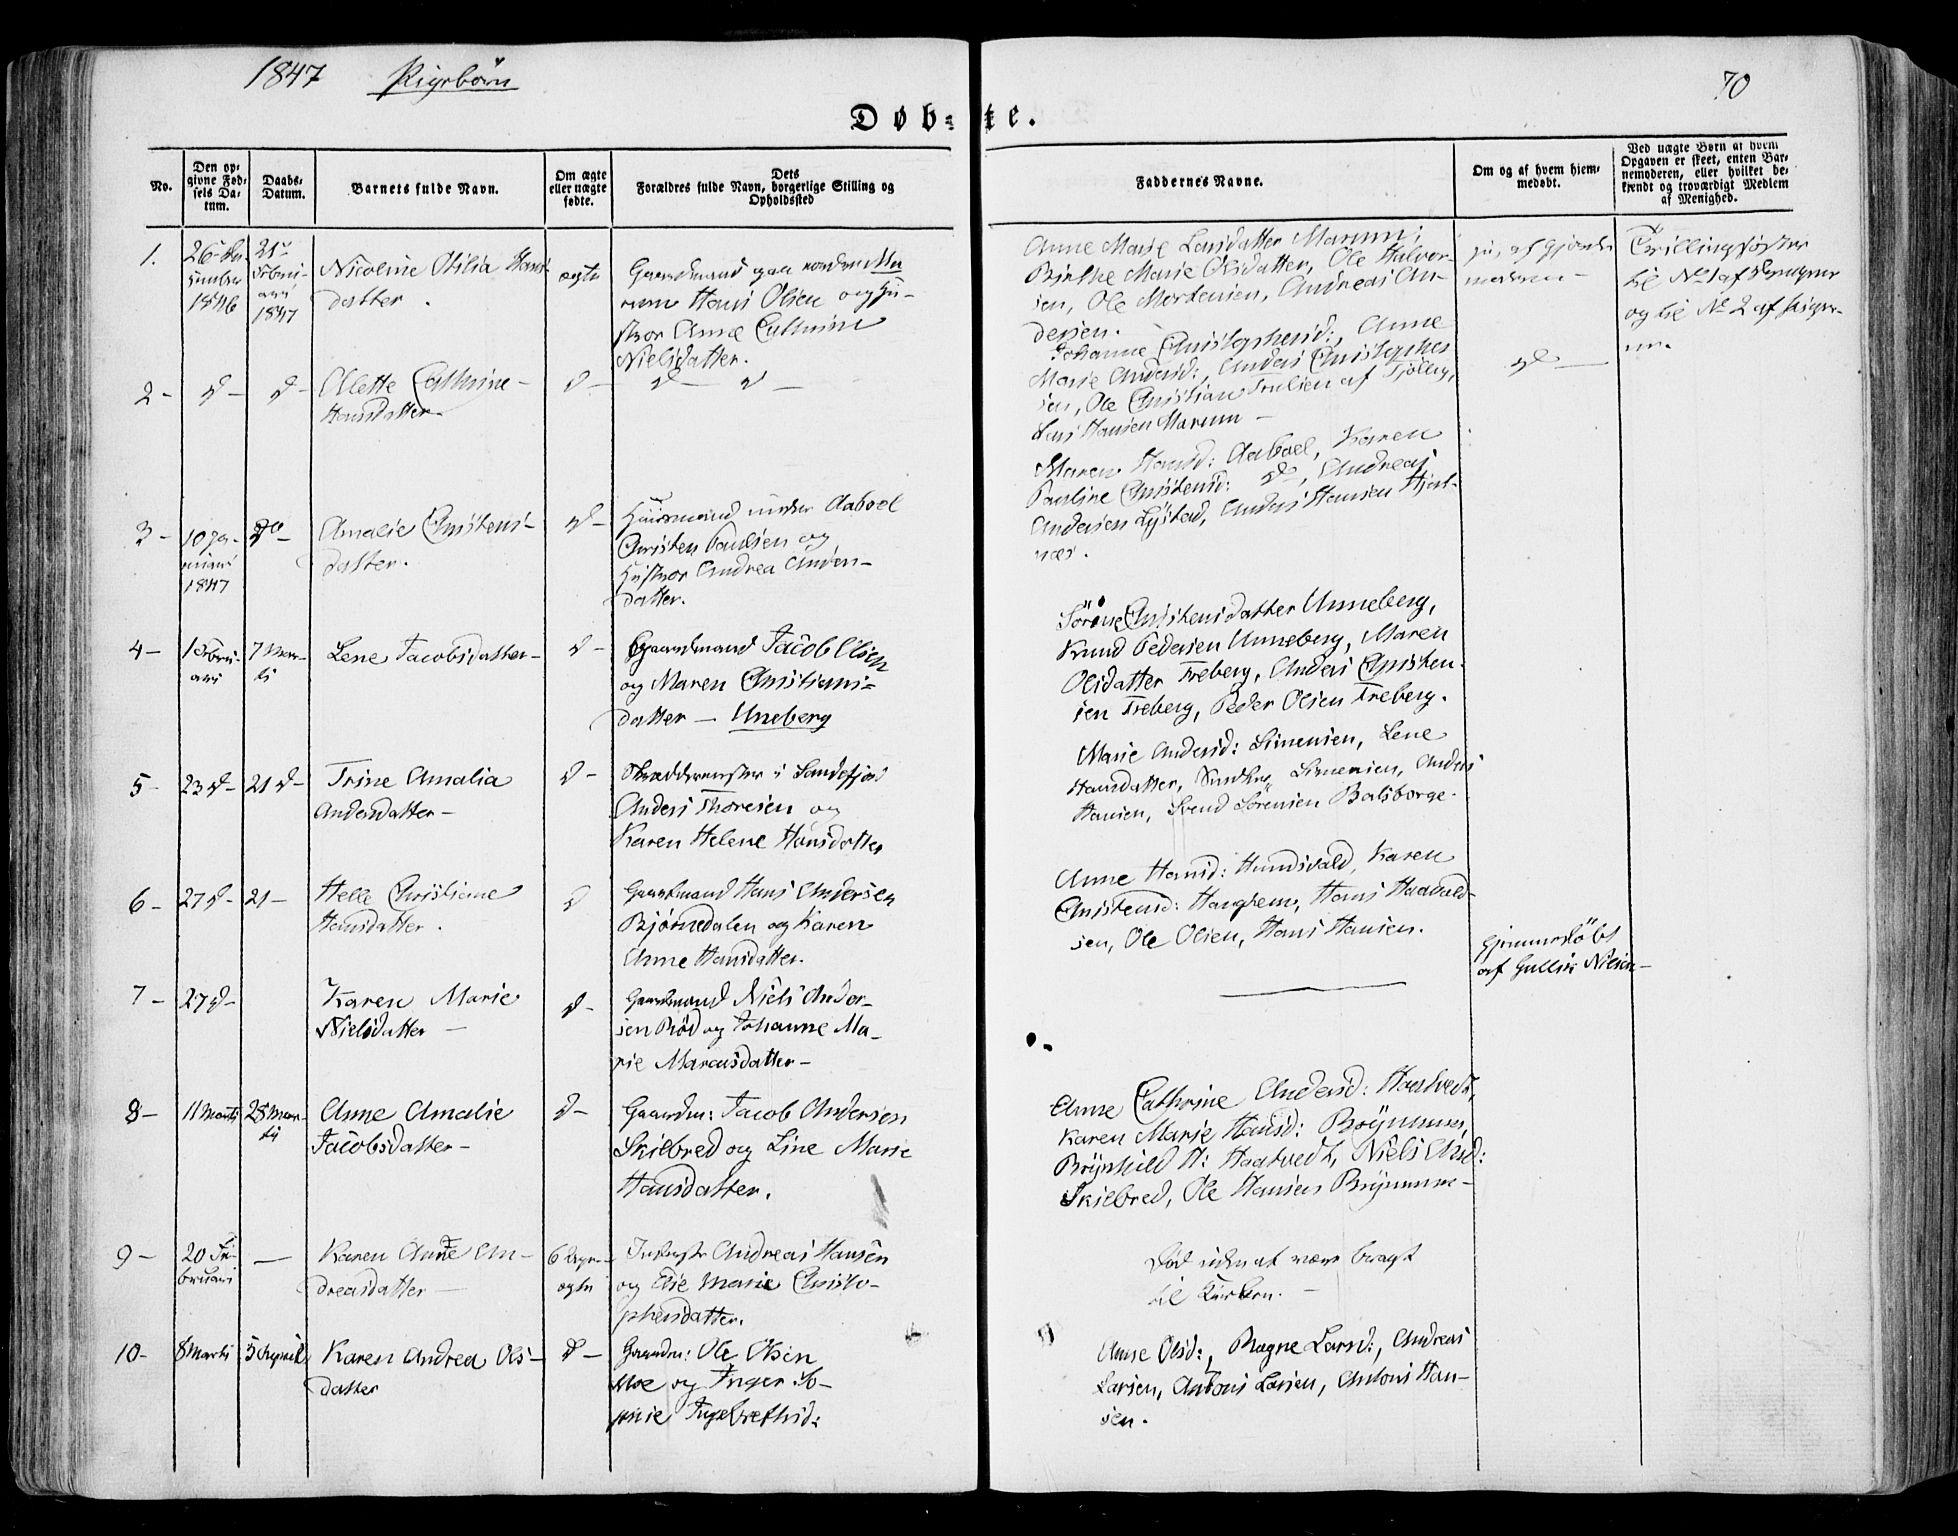 SAKO, Sandar kirkebøker, F/Fa/L0006: Ministerialbok nr. 6, 1847-1860, s. 70